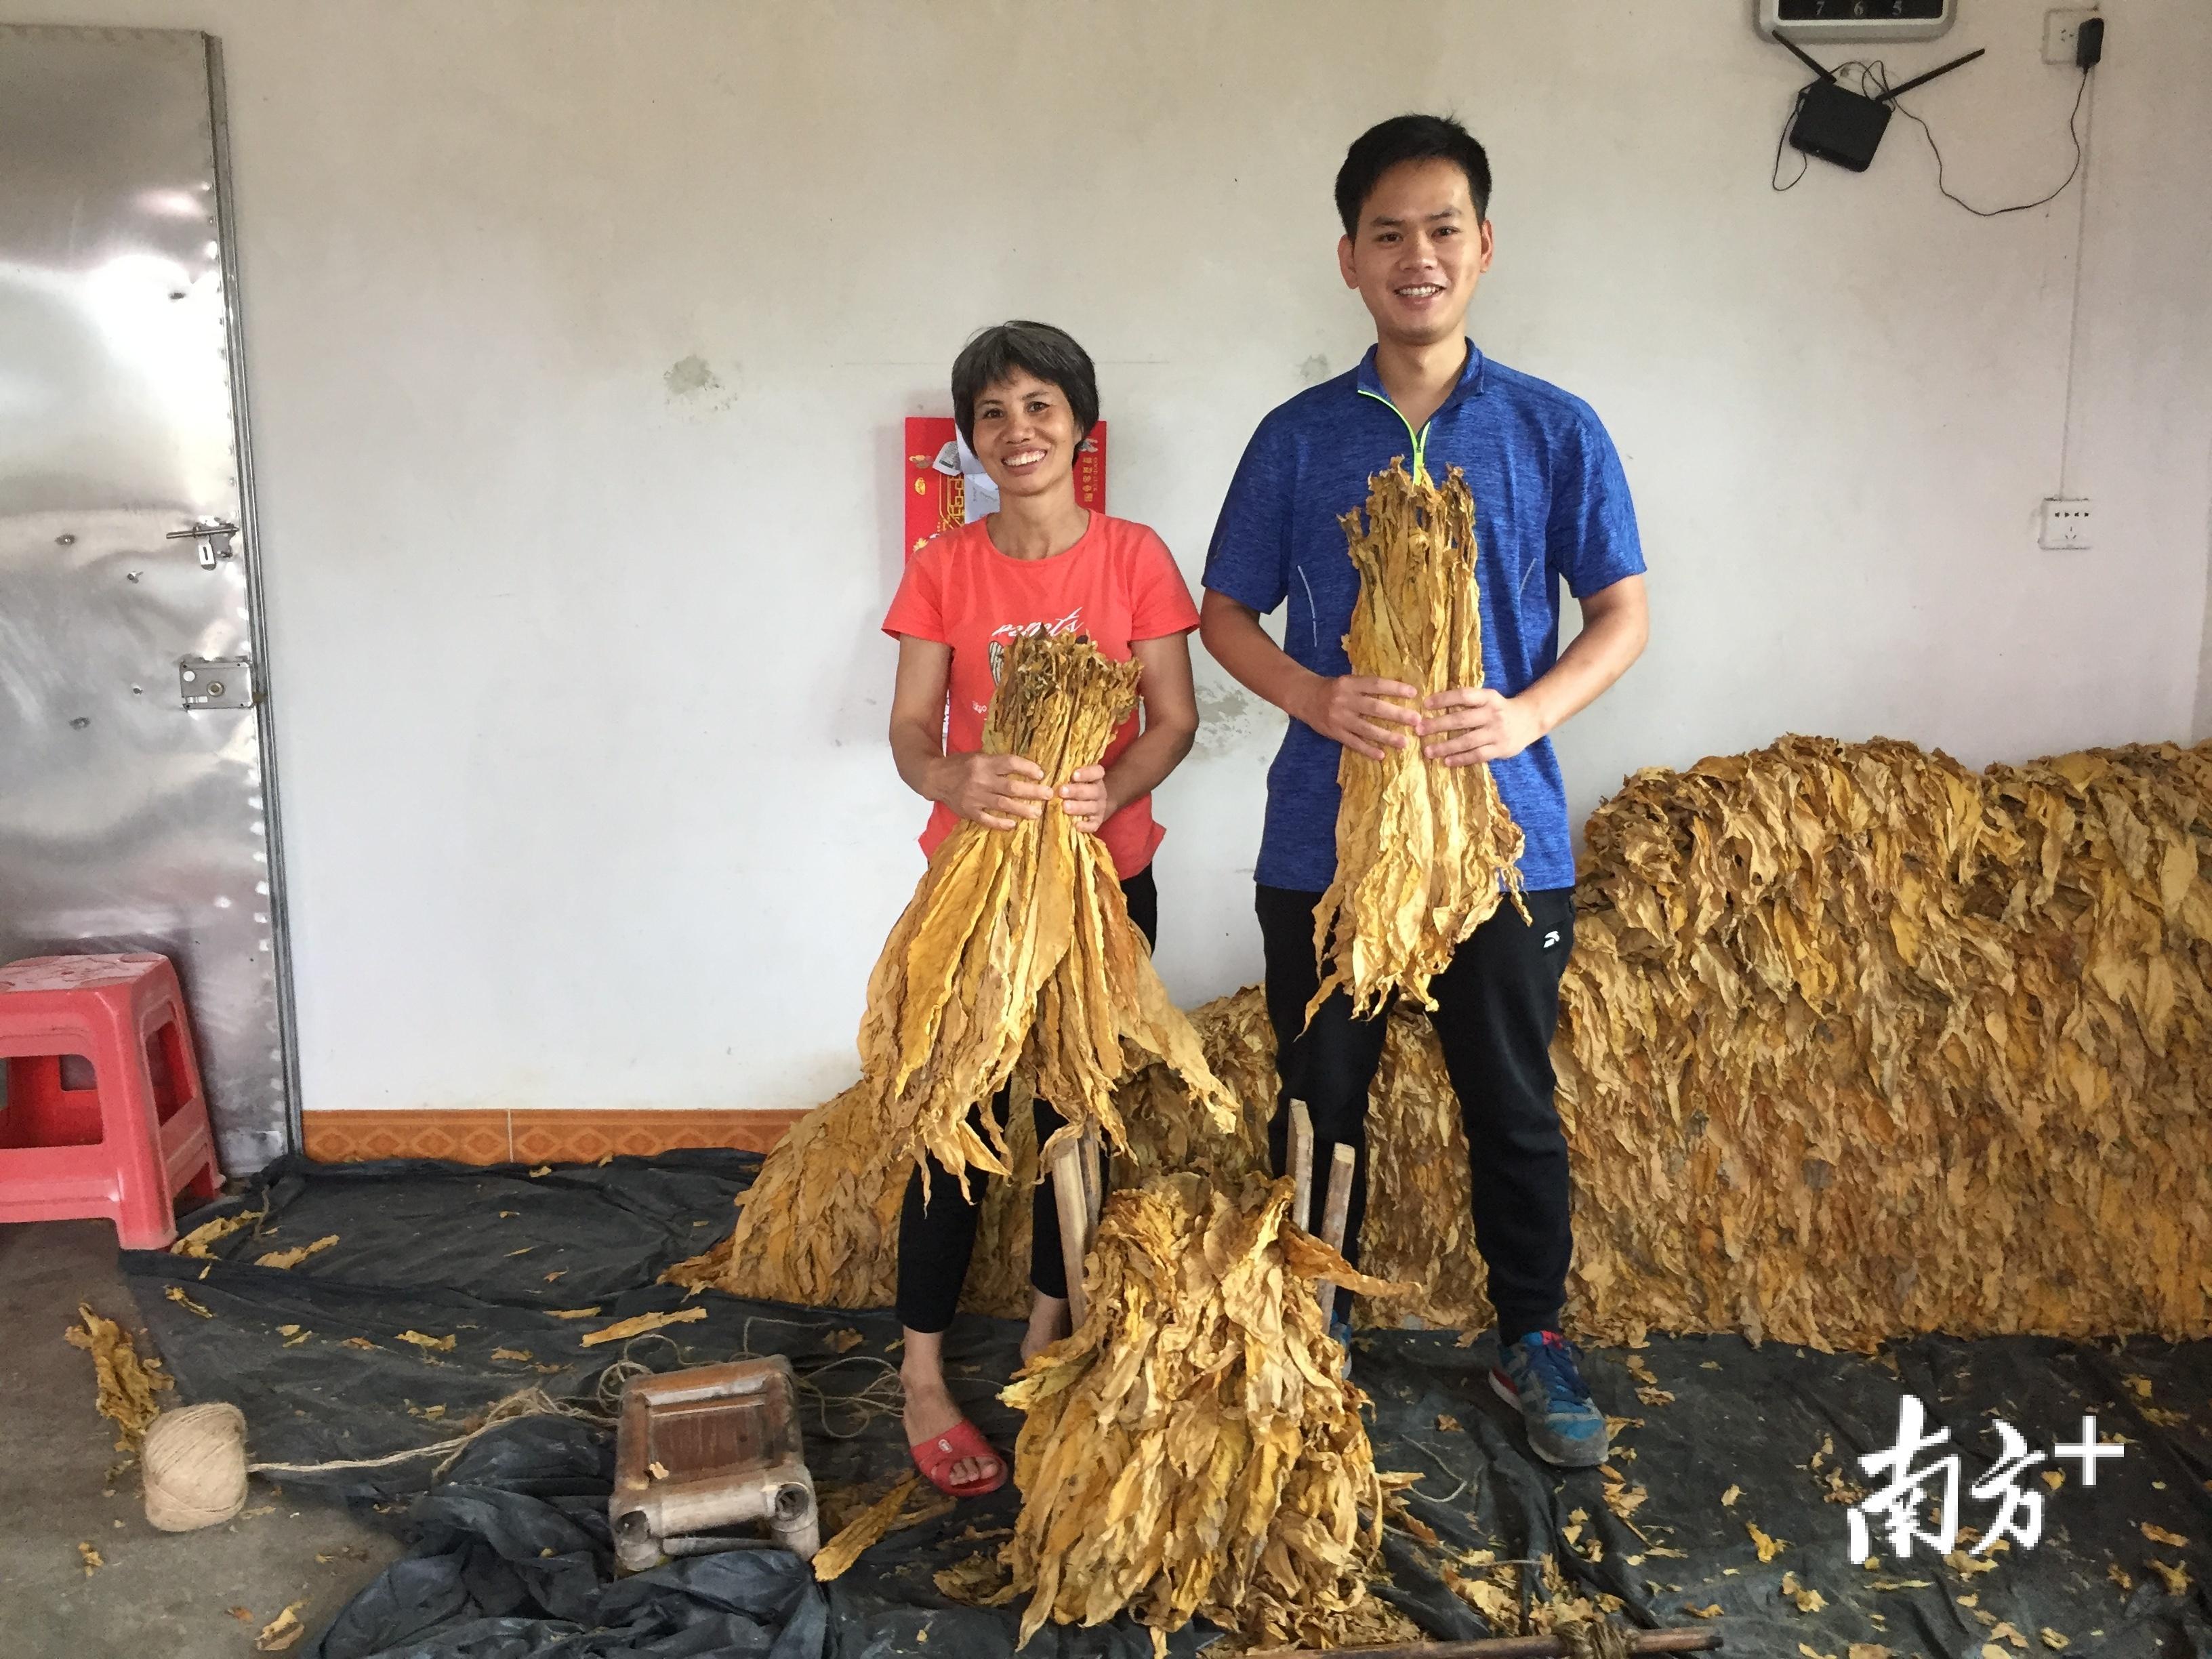 2019年,贫困户何利玲在扶贫工作队帮助下种植烟叶,喜获丰收。图为巫小锦(右)与何利玲(左)。受访者供图